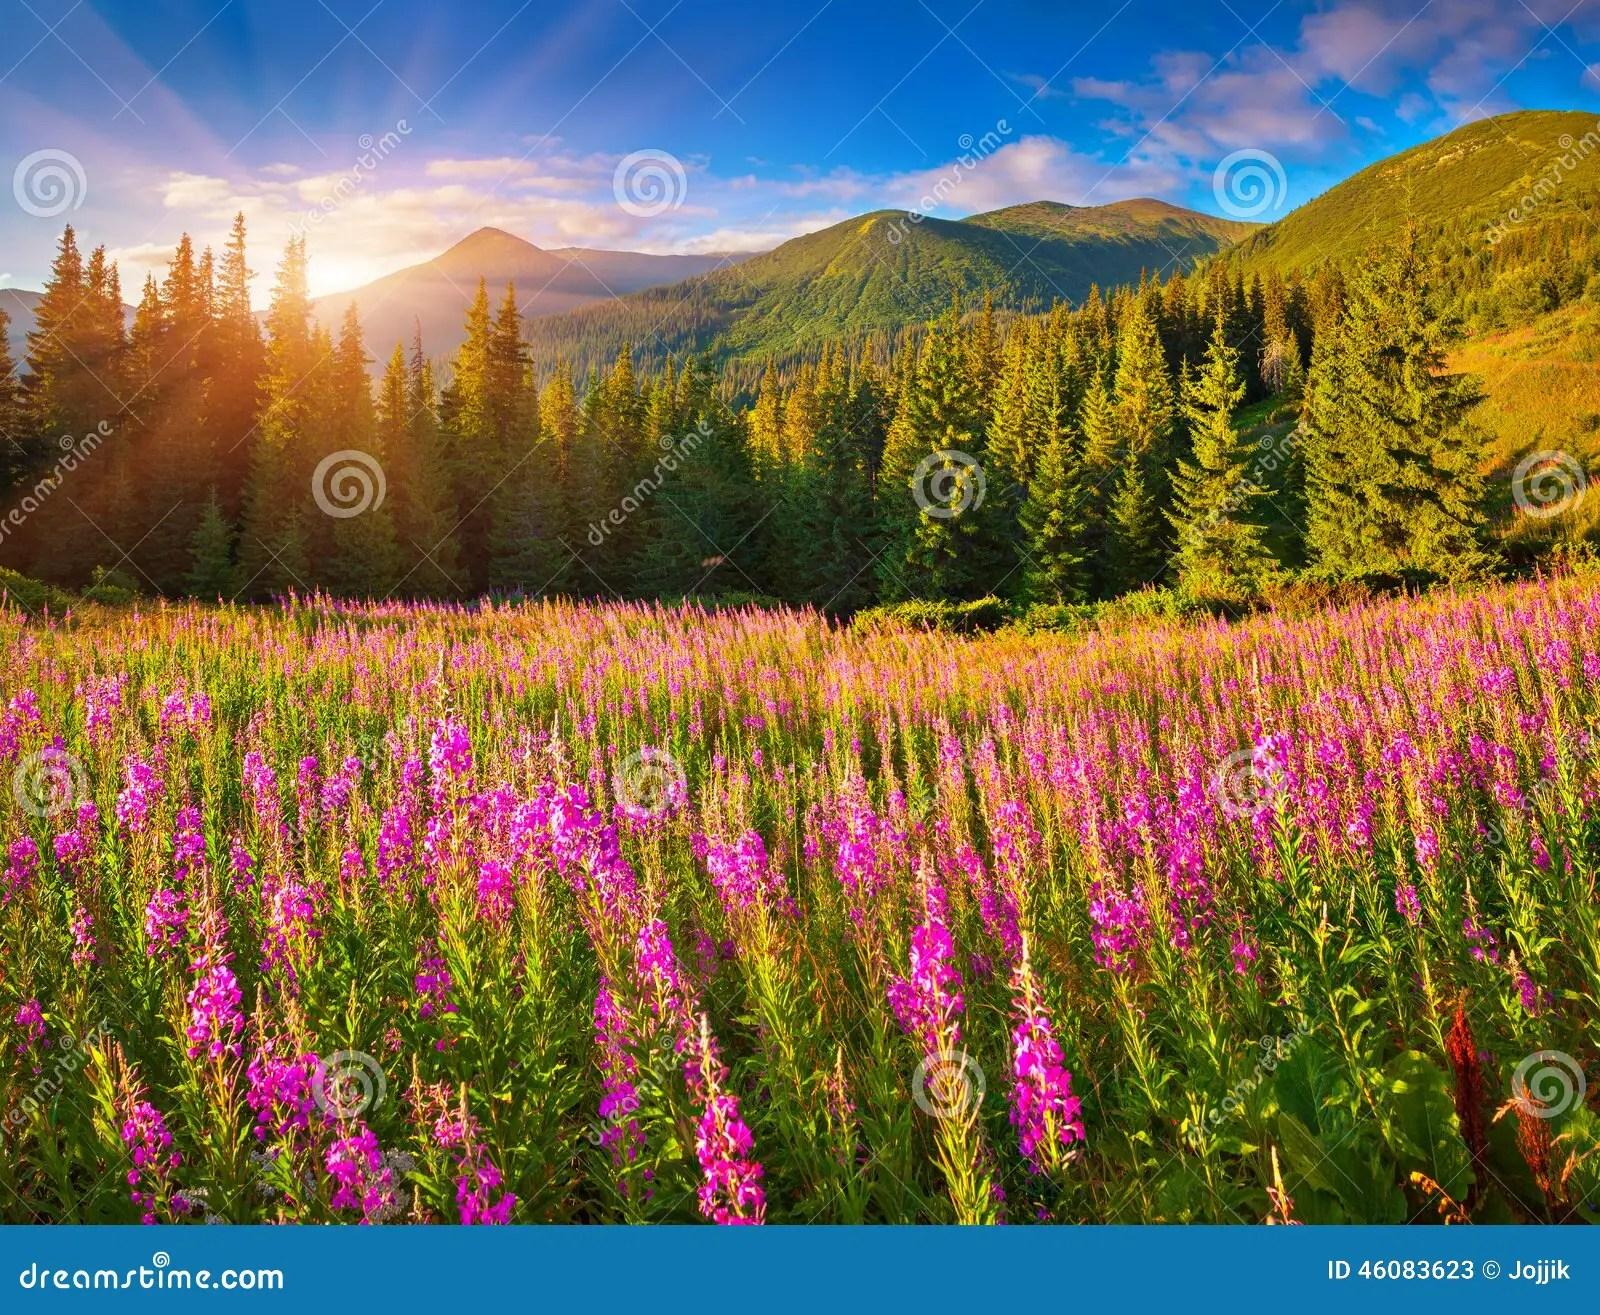 Bello Paesaggio Di Autunno In Montagne Con I Fiori Rosa Immagine Stock  Immagine di